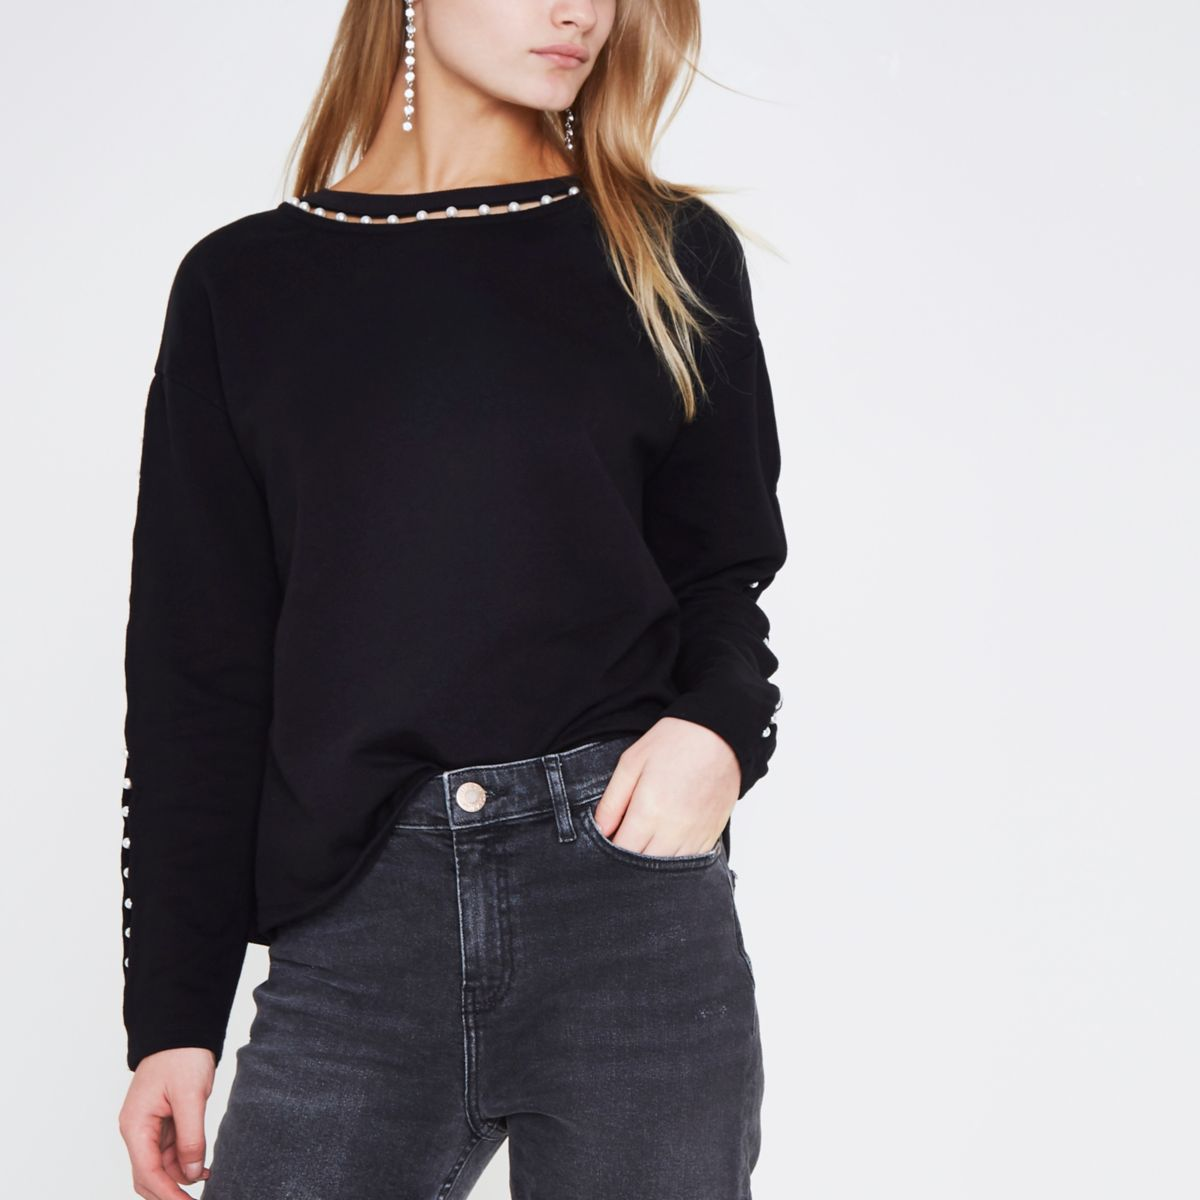 Sweatshirt in Schwarz mit Kunstperlenverzierung